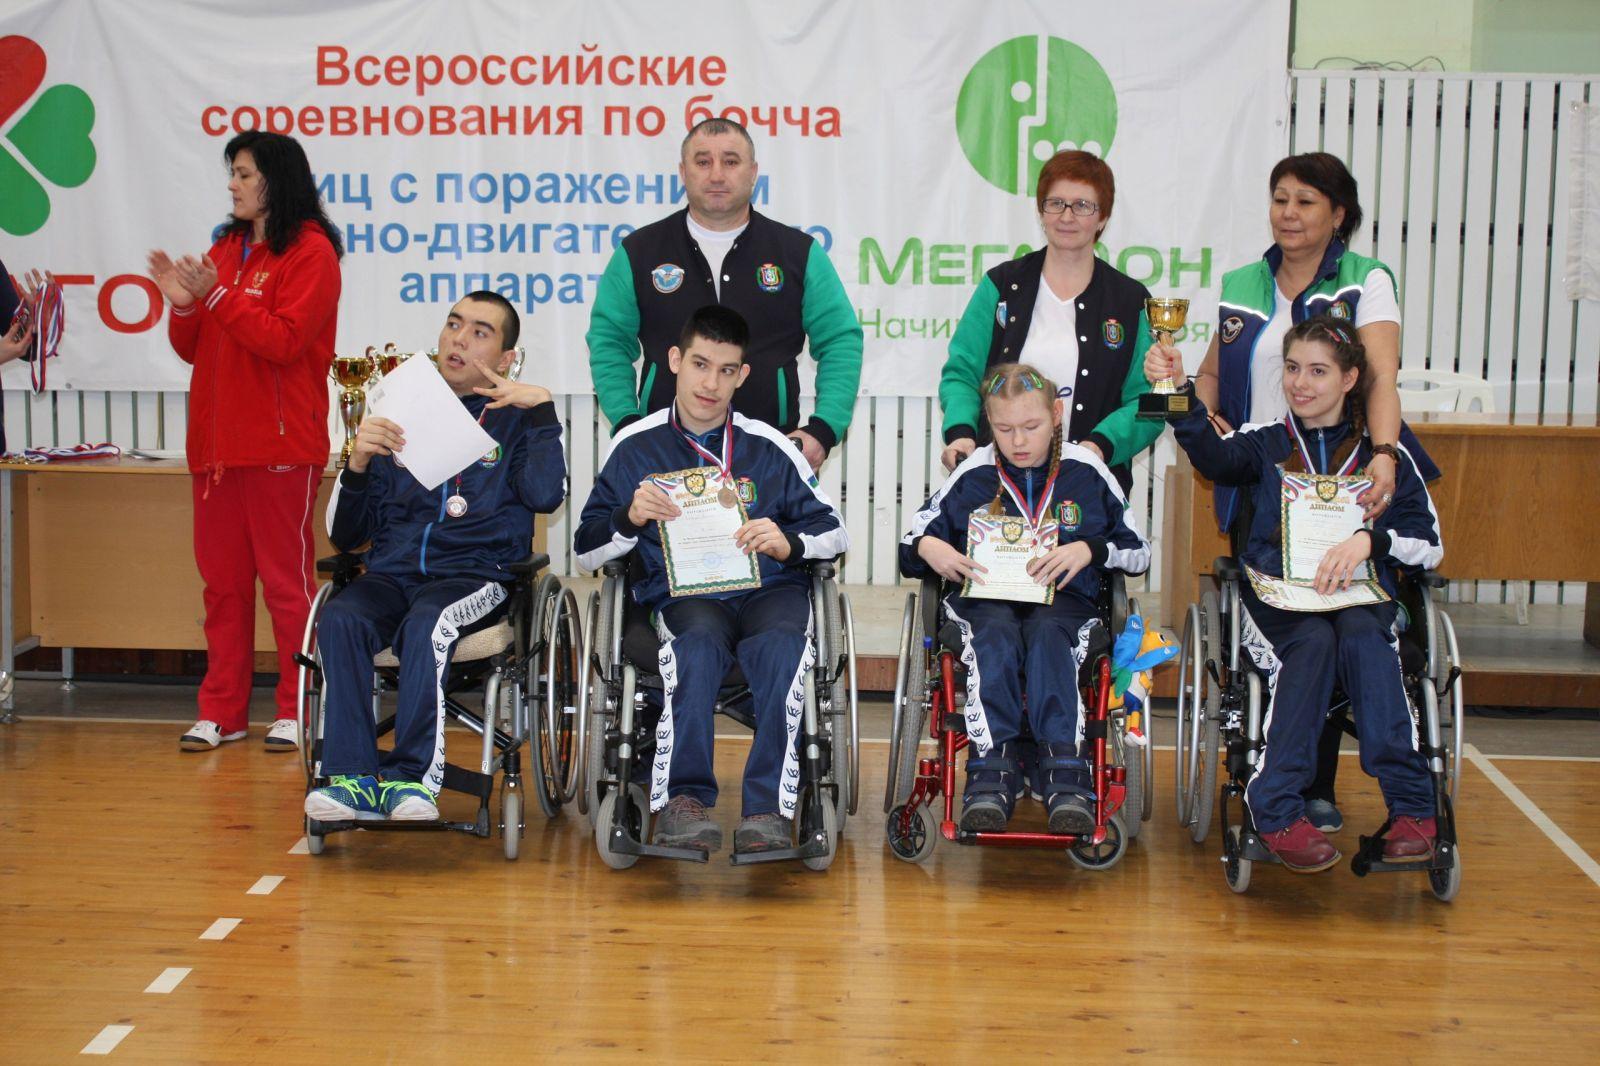 В Ижевске определены победители Всероссийских соревнований по бочча